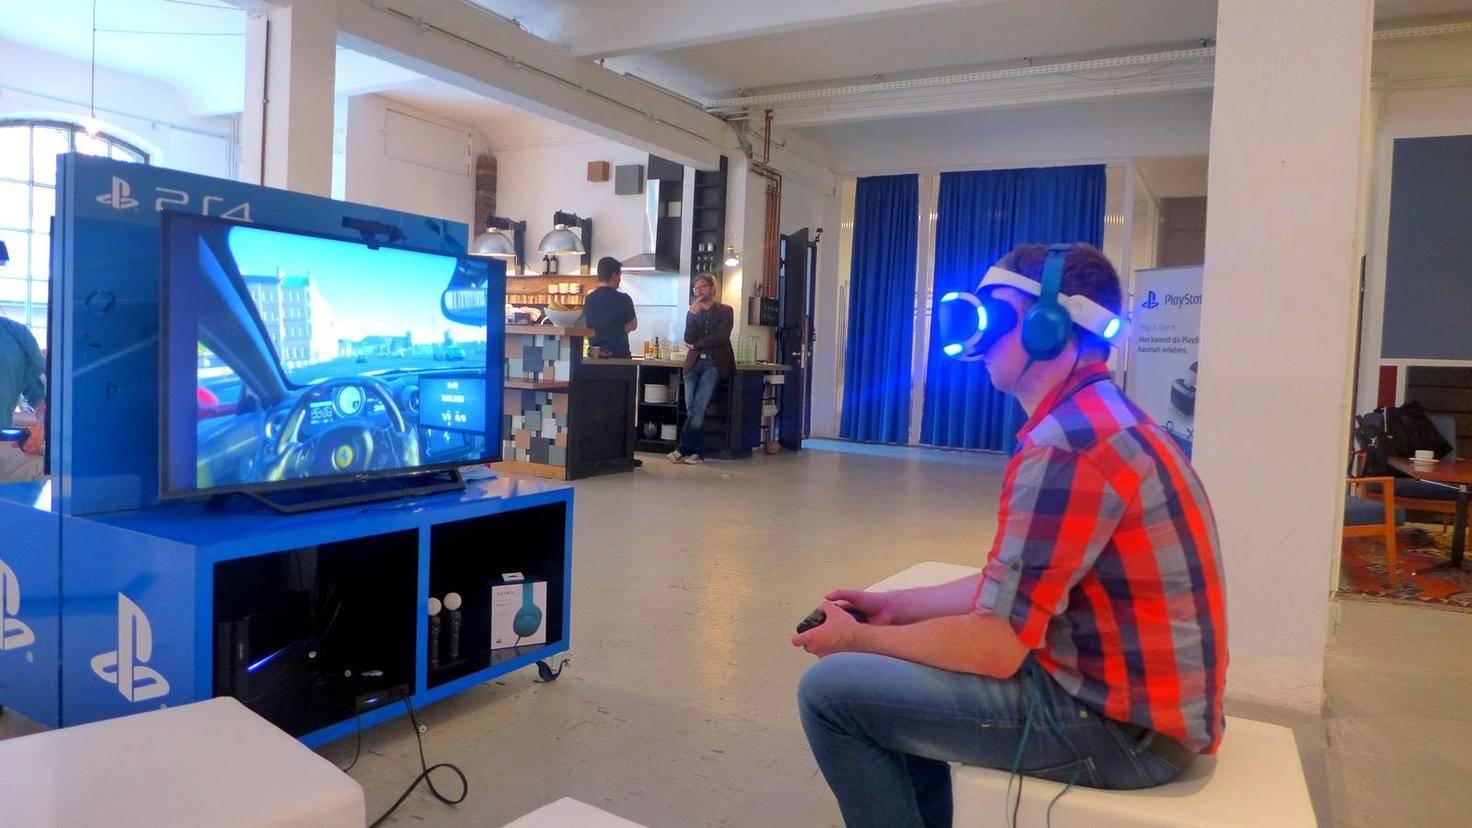 Playstation VR Event 01.JPG